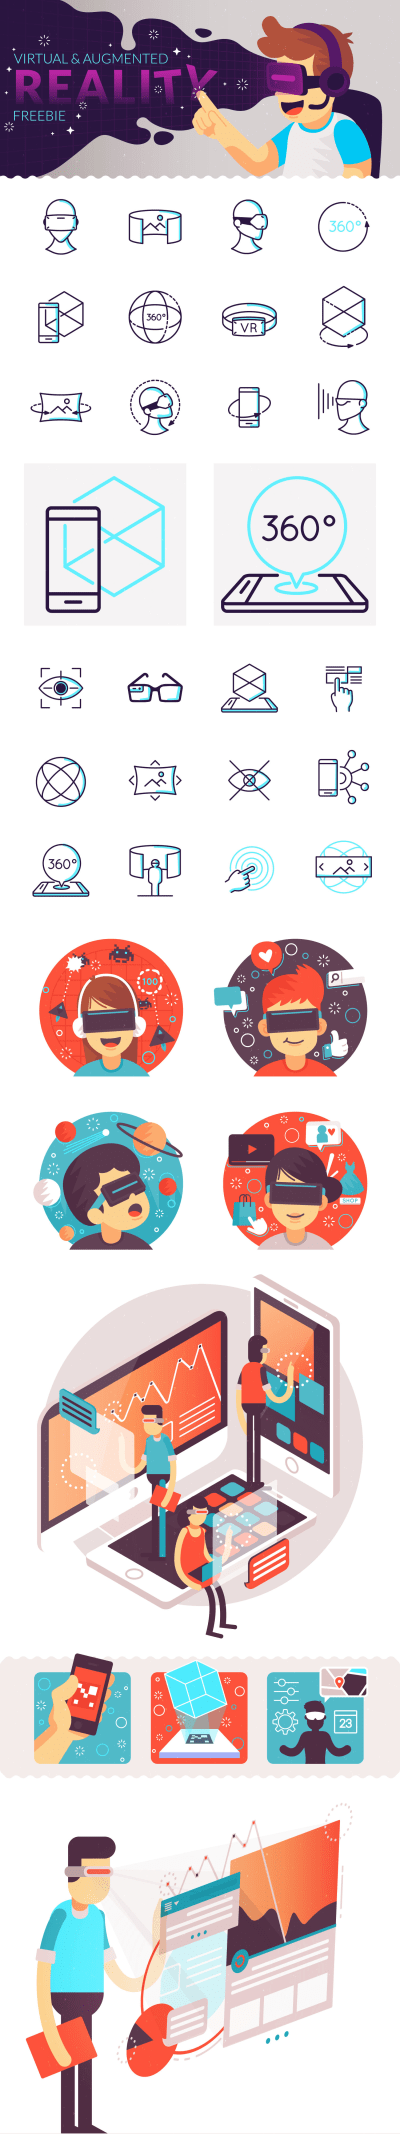 未来就在这里! 一组AR 和VR 相关的图标合集免费打包下载